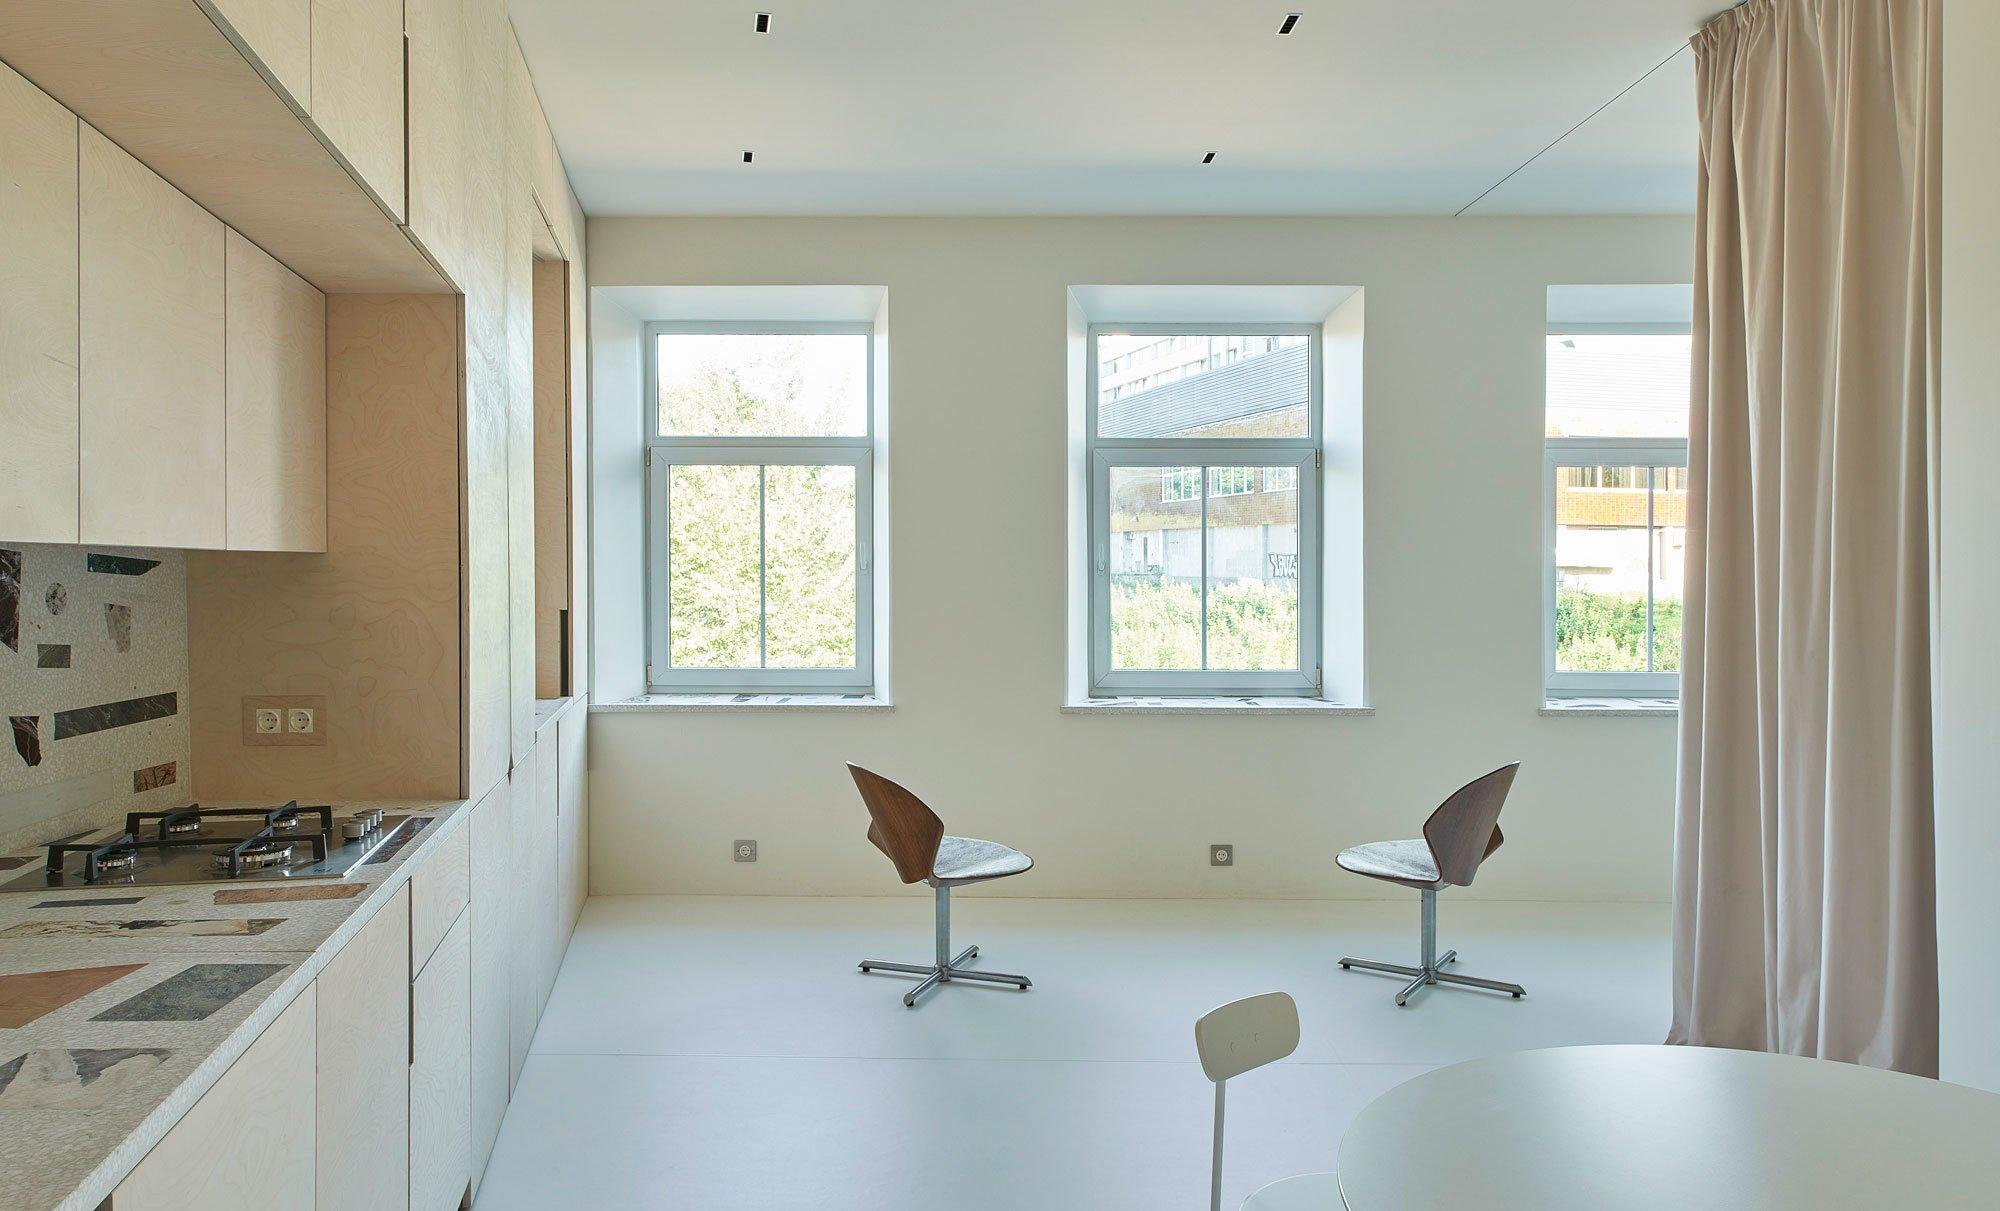 Gelungenes Spiel mit der Wahrnehmung: In Vilnius hat das junge Architekturbüro ŠA Atelier einer extrem kleinen Wohnung zu ungeahnter Weite verholfen.